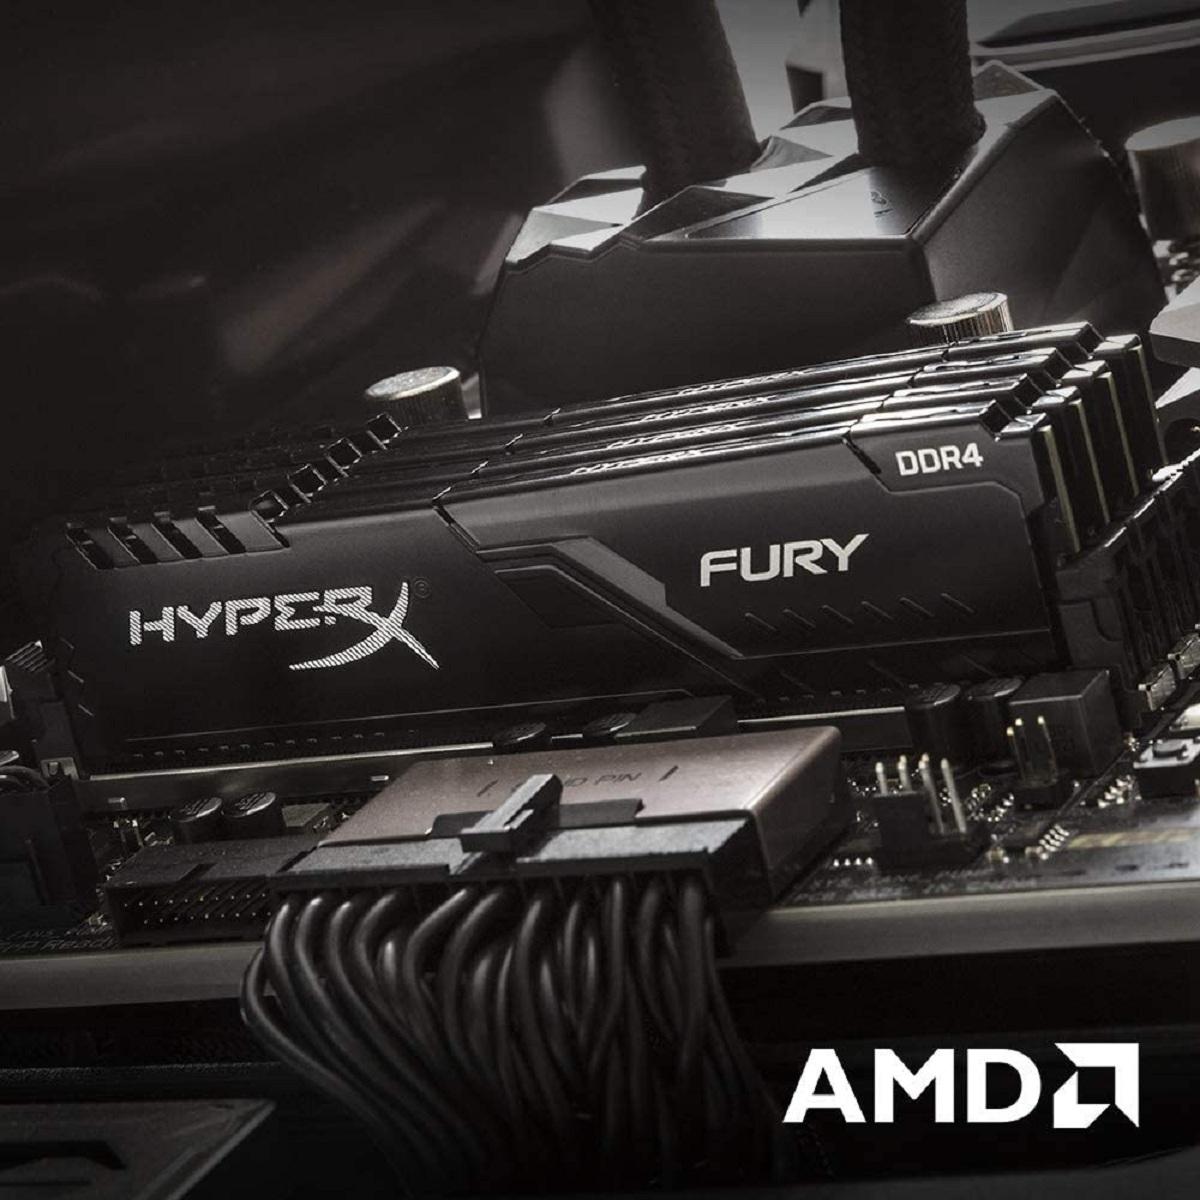 Fury - 1x4 Go - DDR4 2666 MHz - CL 16 Noir